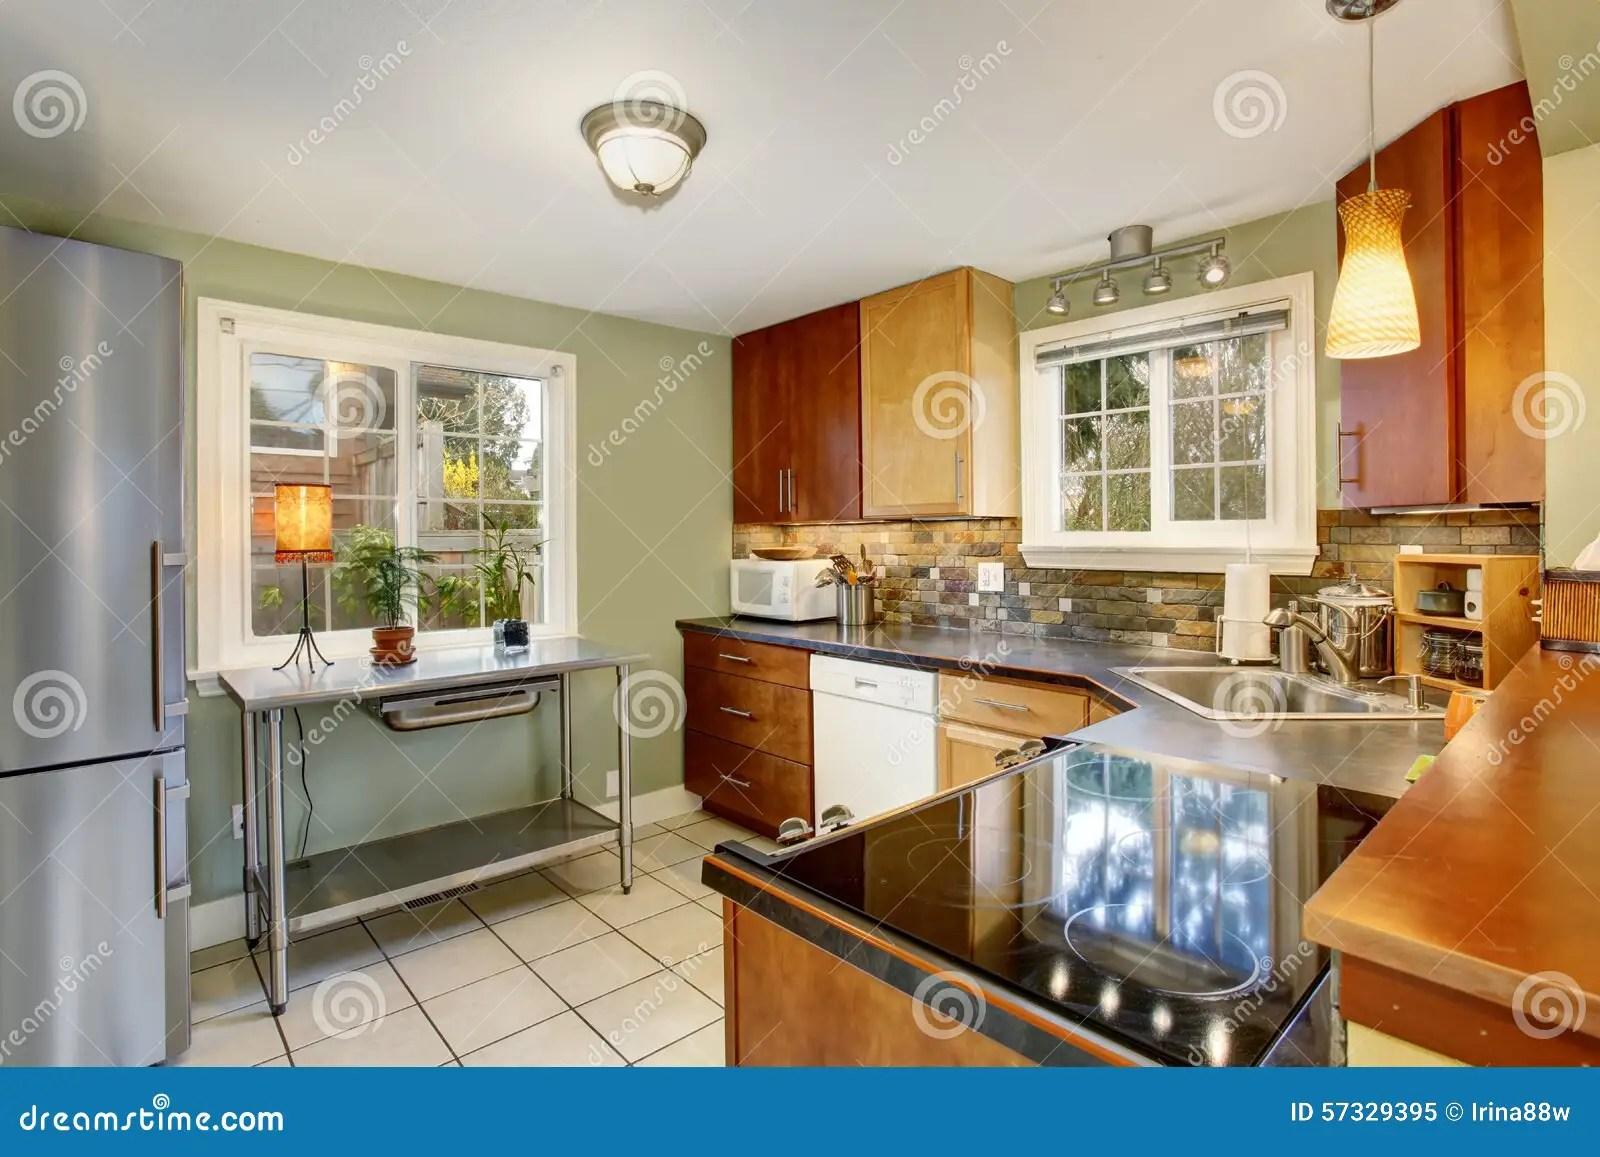 Cucina bianca country cucine bianche laccate pavimenti cucine